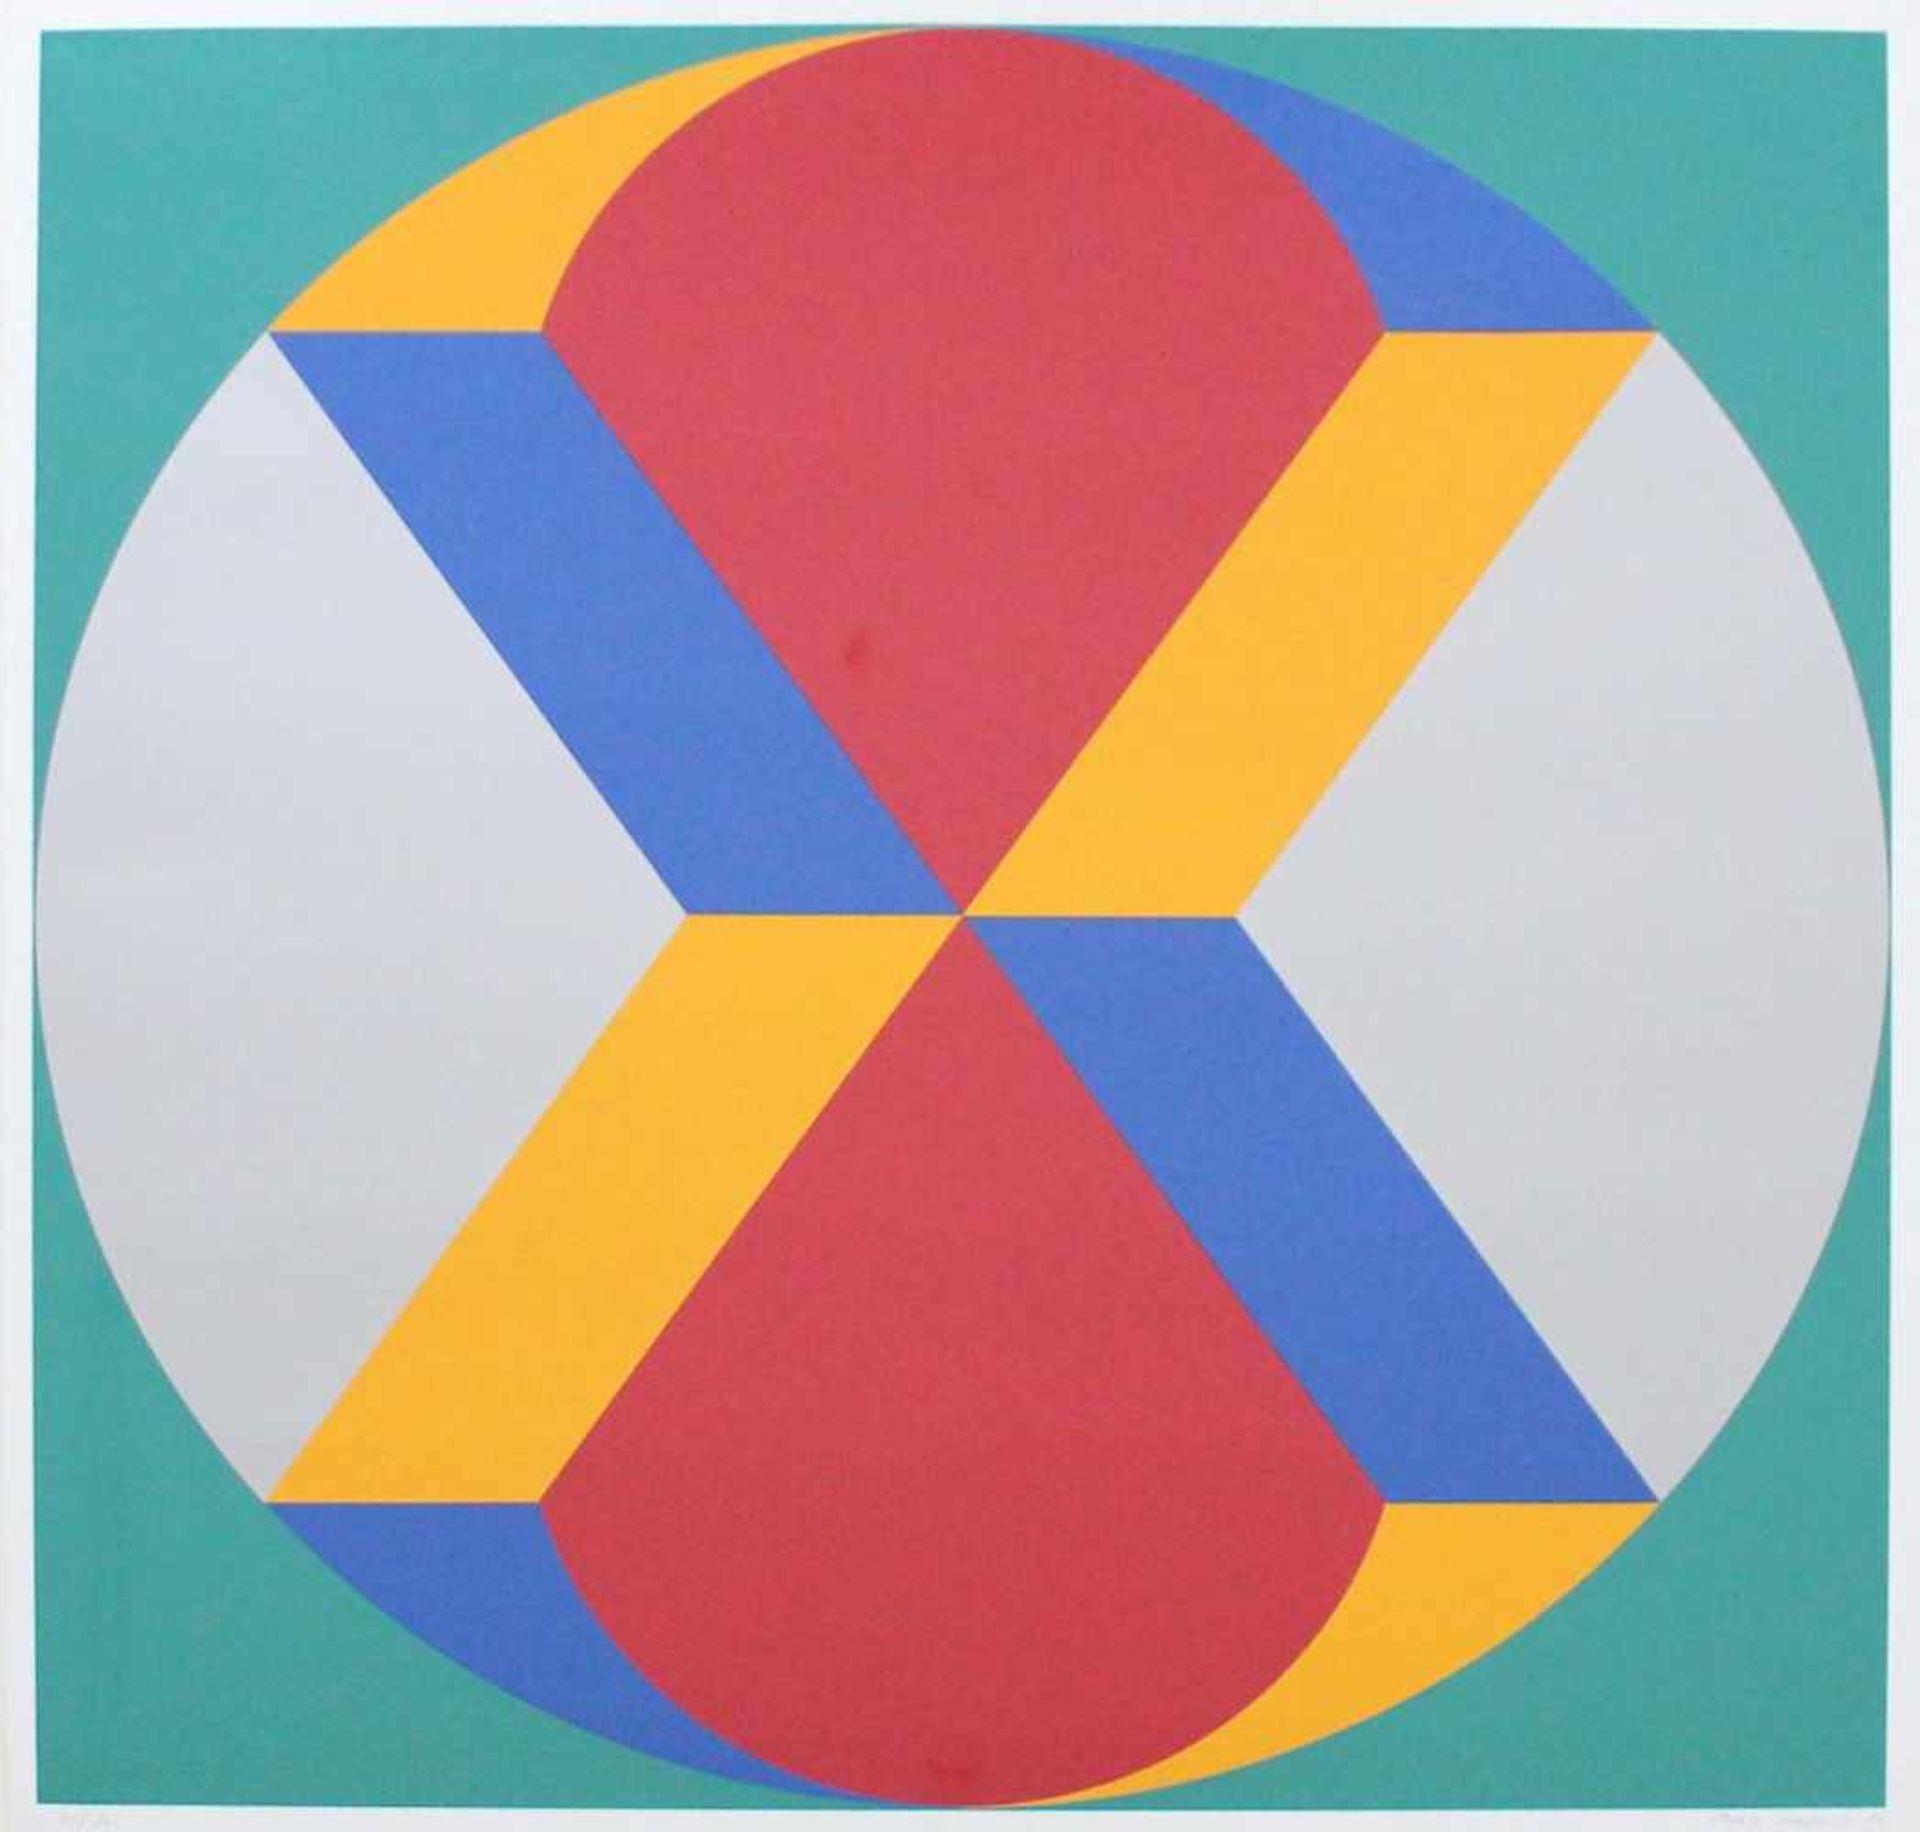 Marc Adrian 1930-2008 Poems Inventionistes II 1973 Farbserigraphie handsigniert und nummeriert 72/